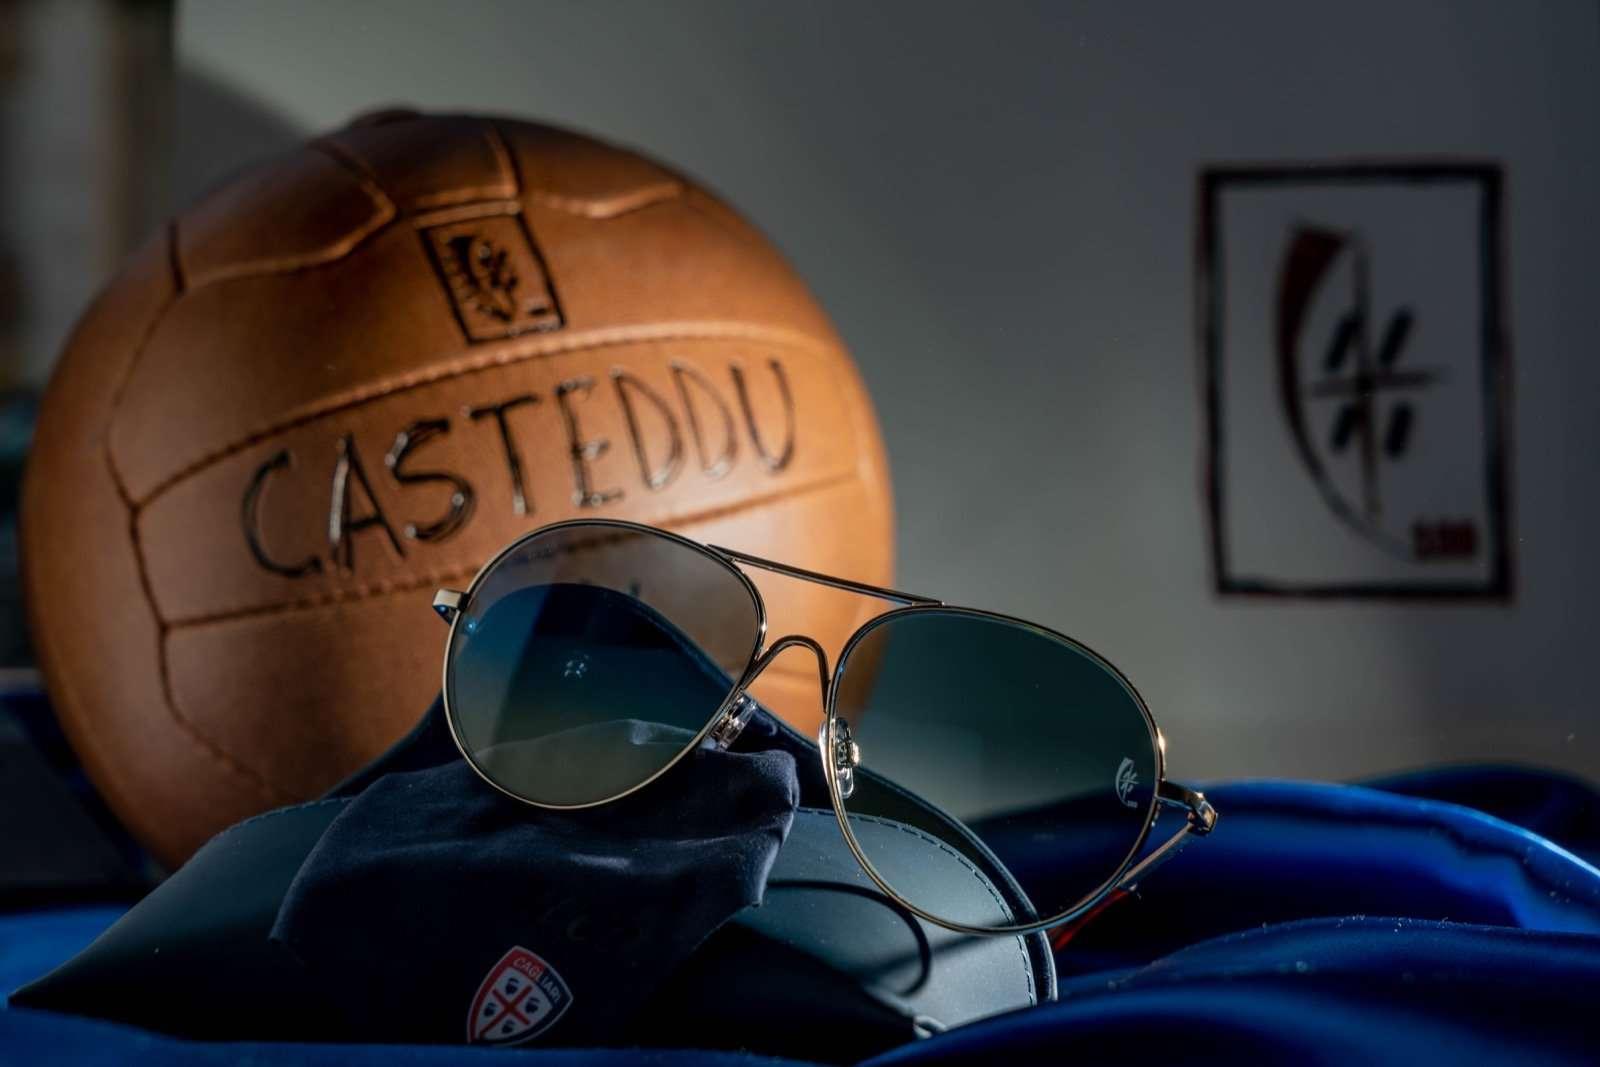 Occhiale centenario okky cagliari calcio 2020